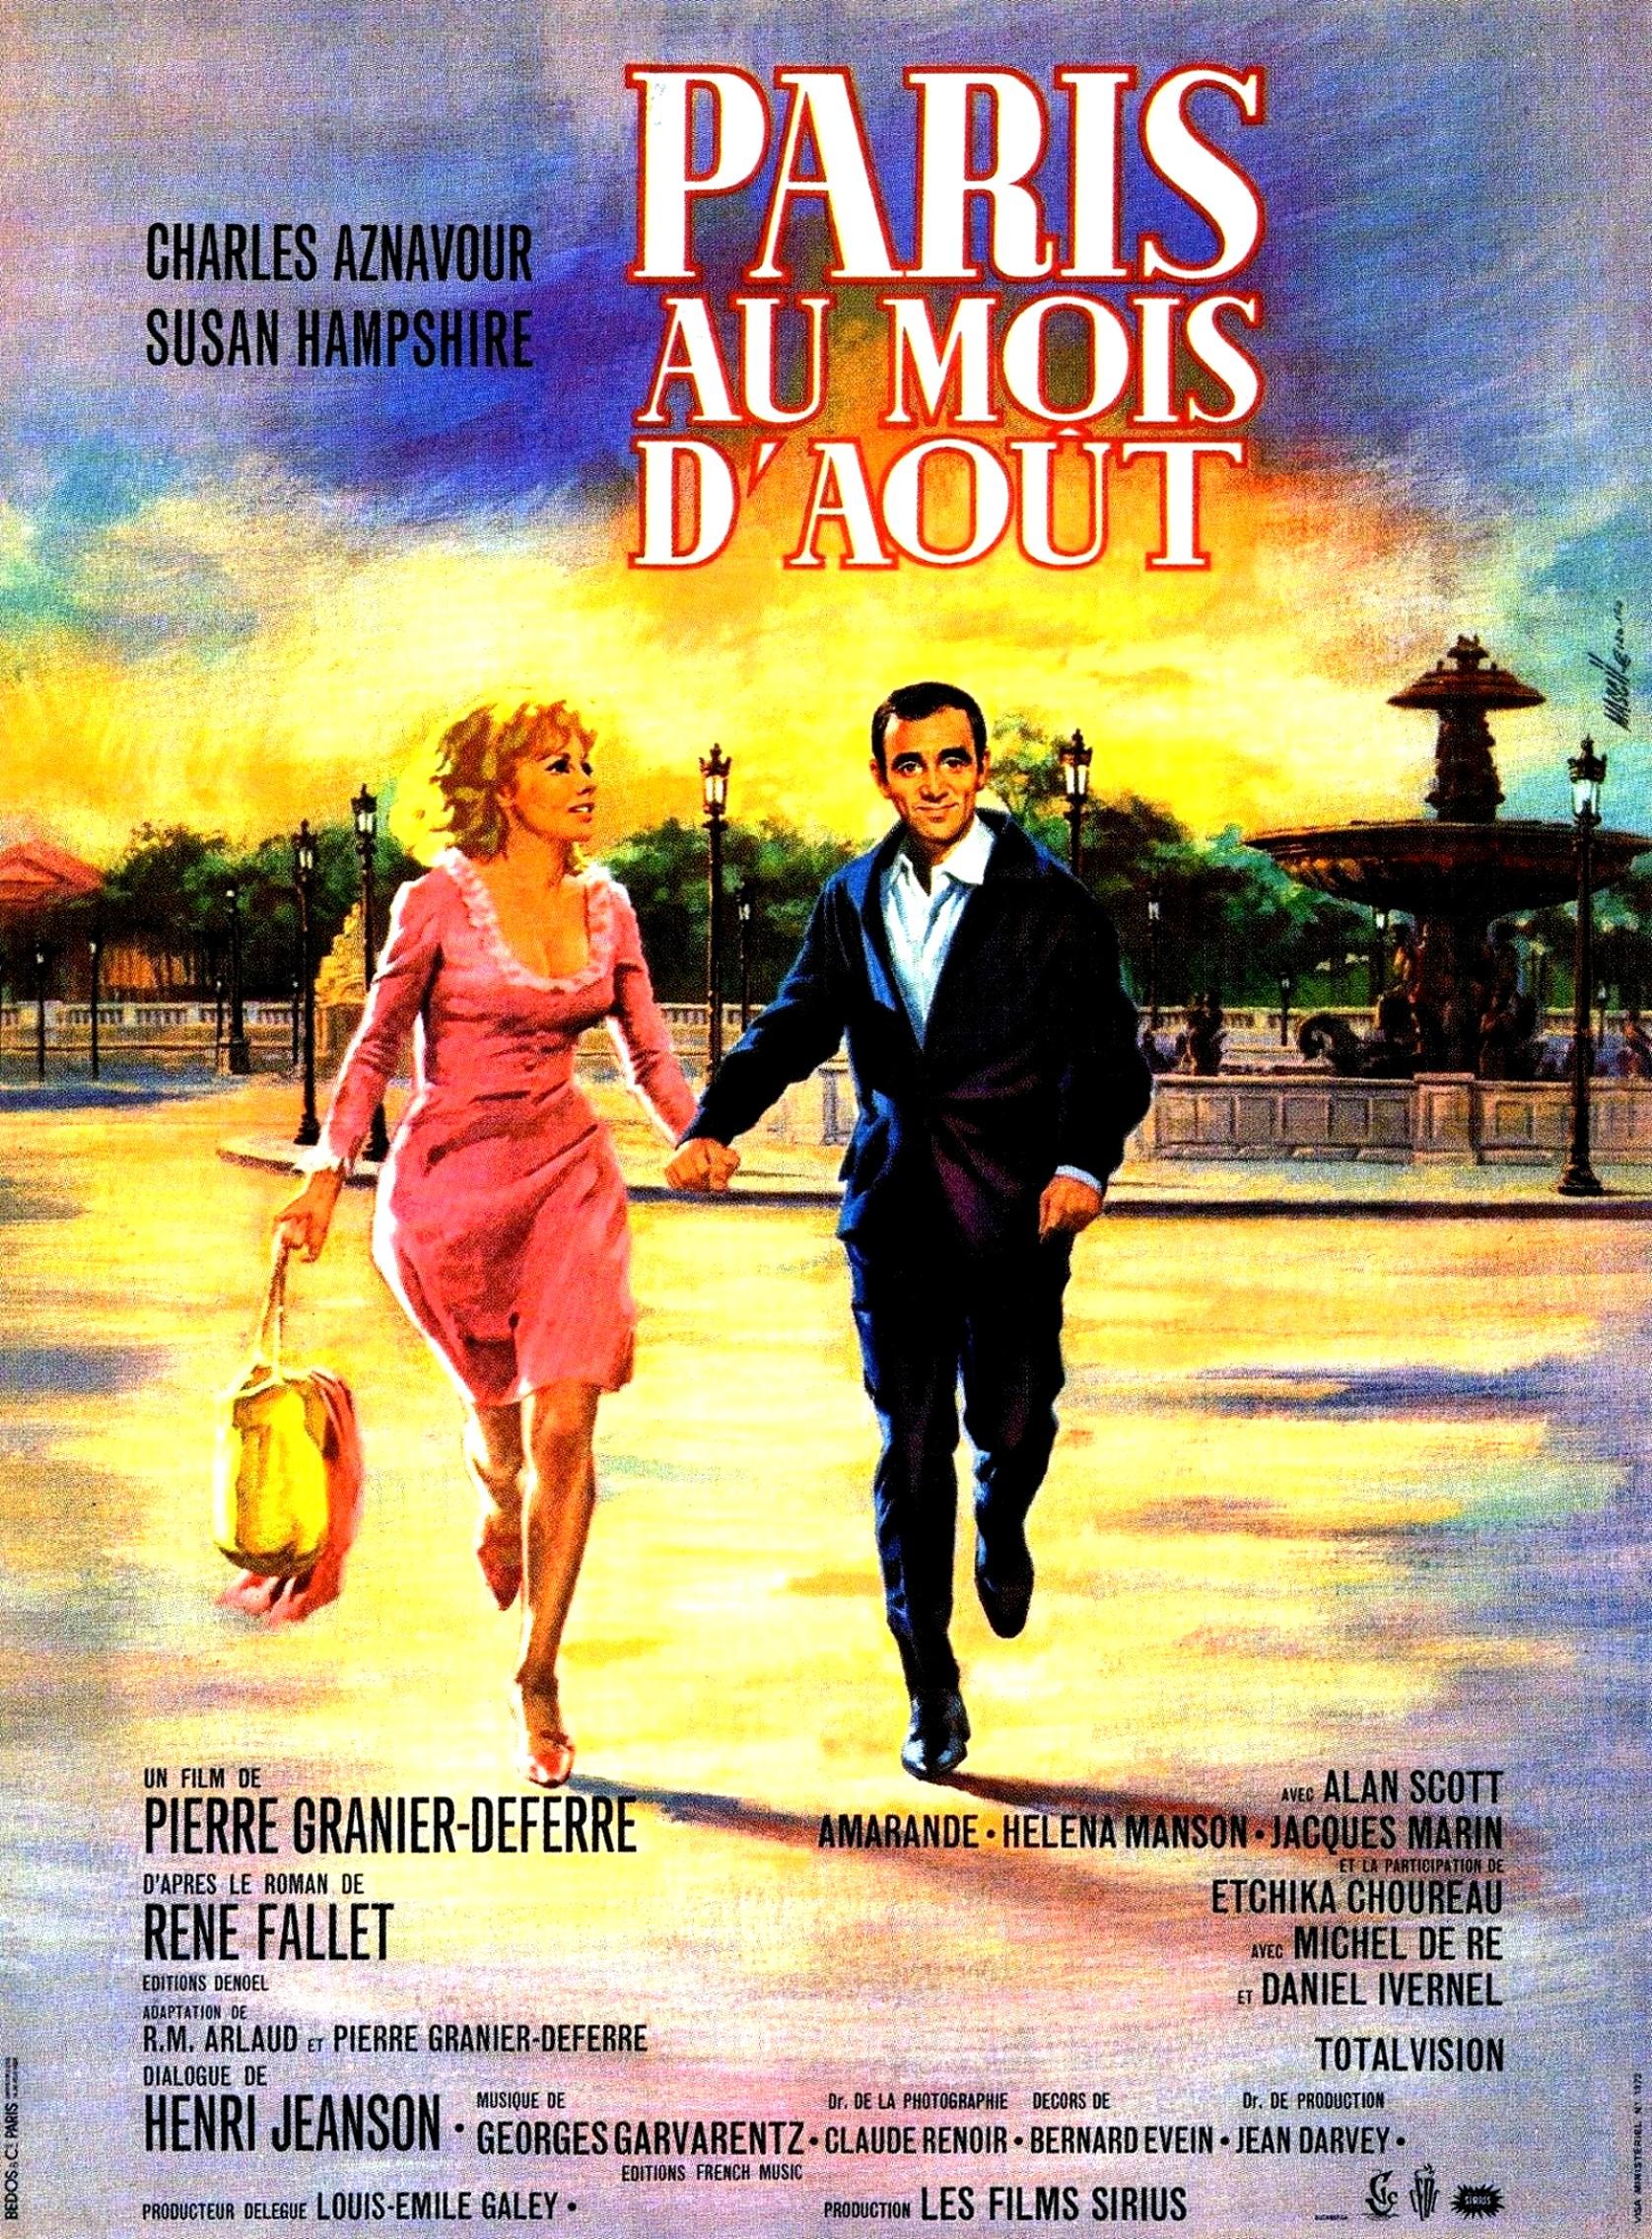 prime de noel 2018 paris Paris au mois d'août (1966)   IMDb prime de noel 2018 paris